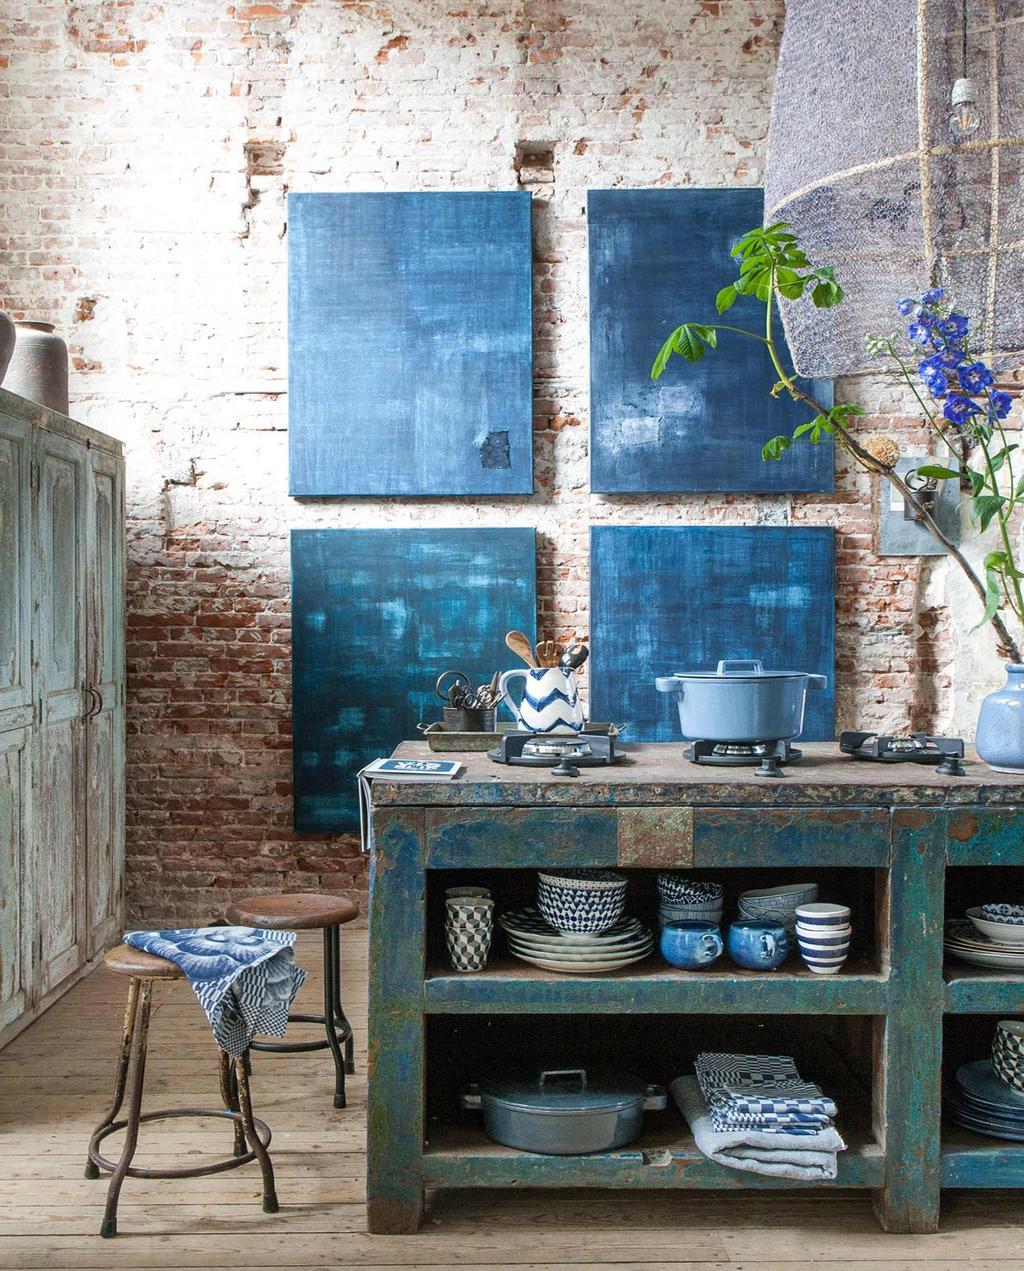 vtwonen 10-2016 | industriële keuken met op achtergrond 4 samenhangende blauwe schilderijen